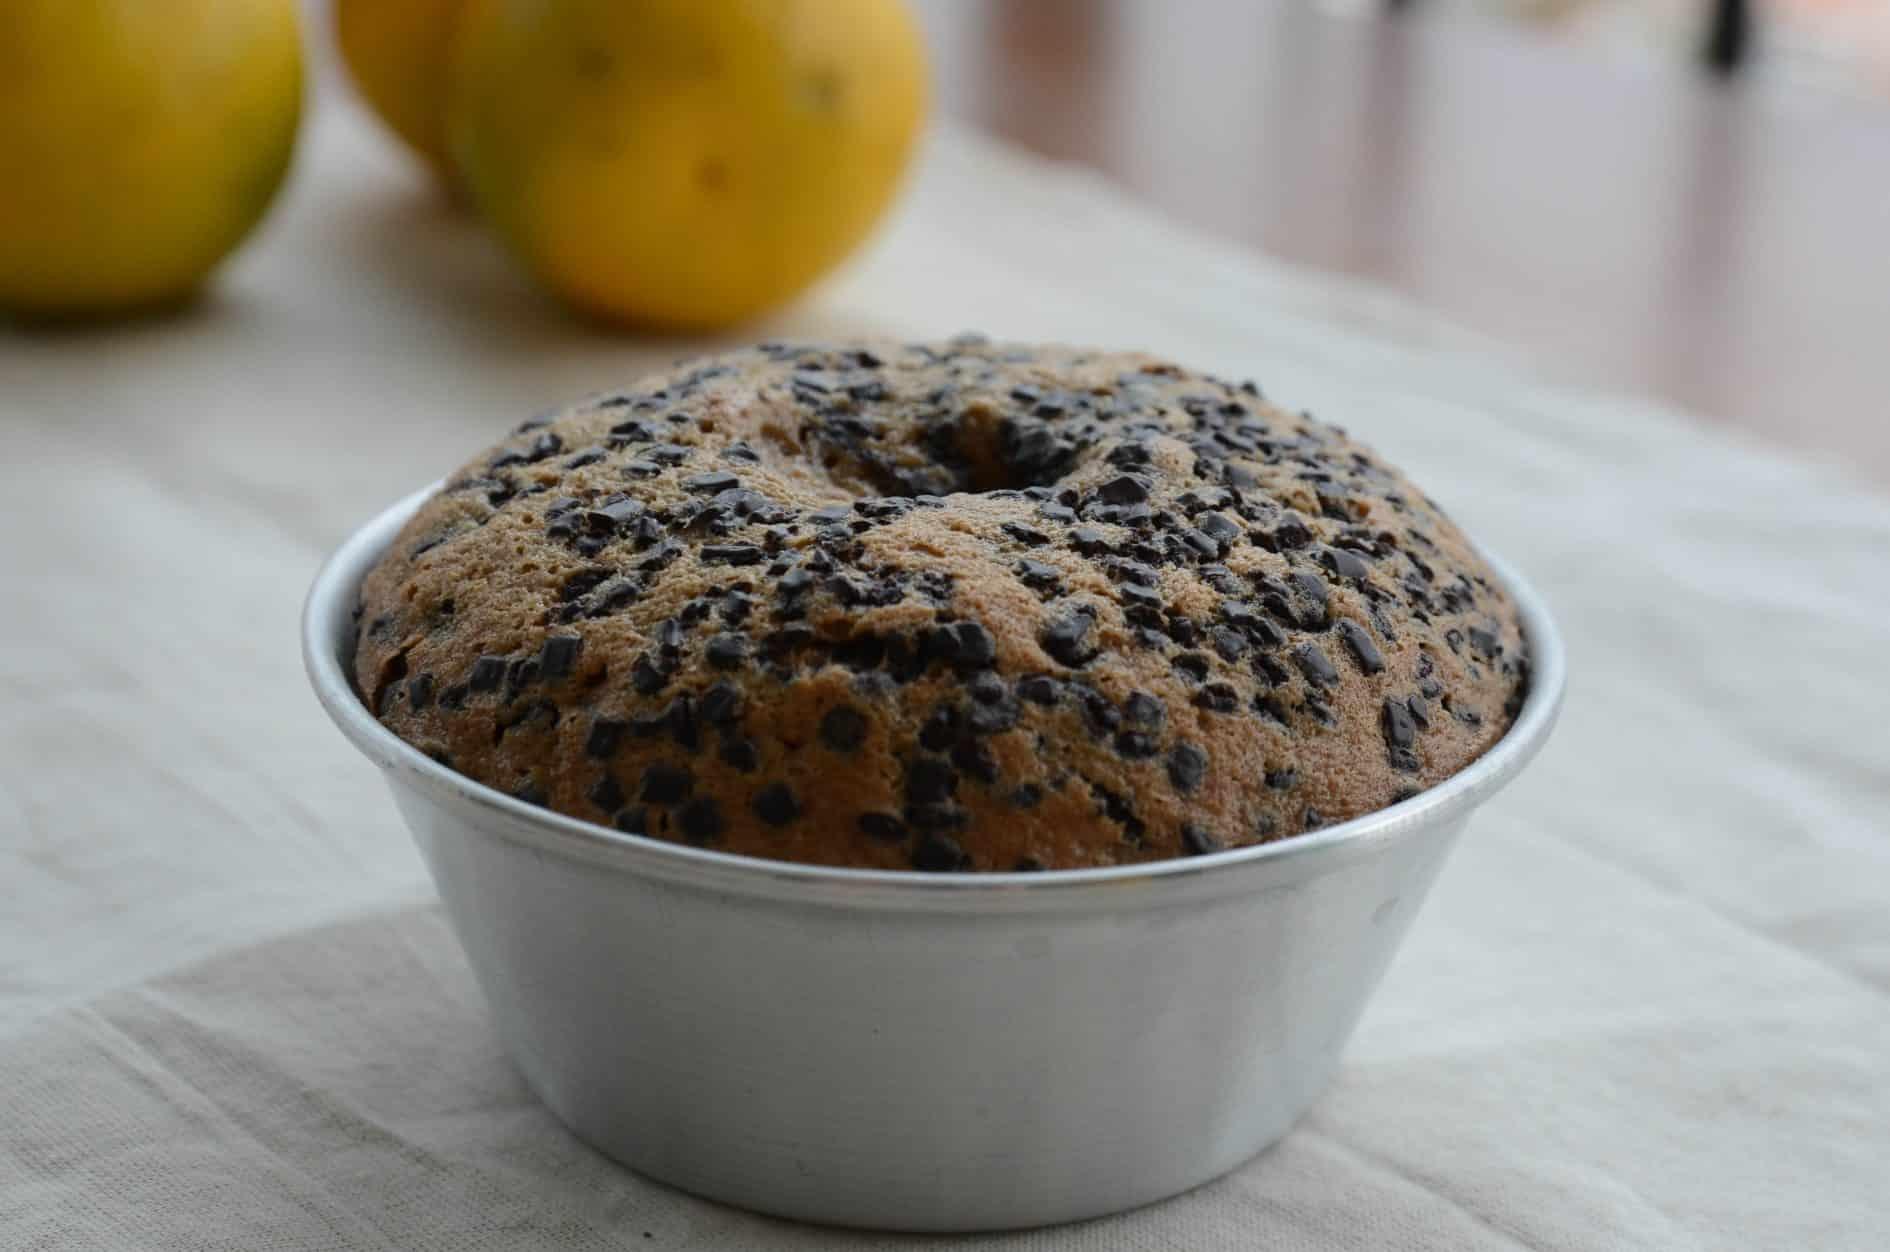 receita de bolo de laranja com açucar mascavo e chocolate, delicioso café da tarde